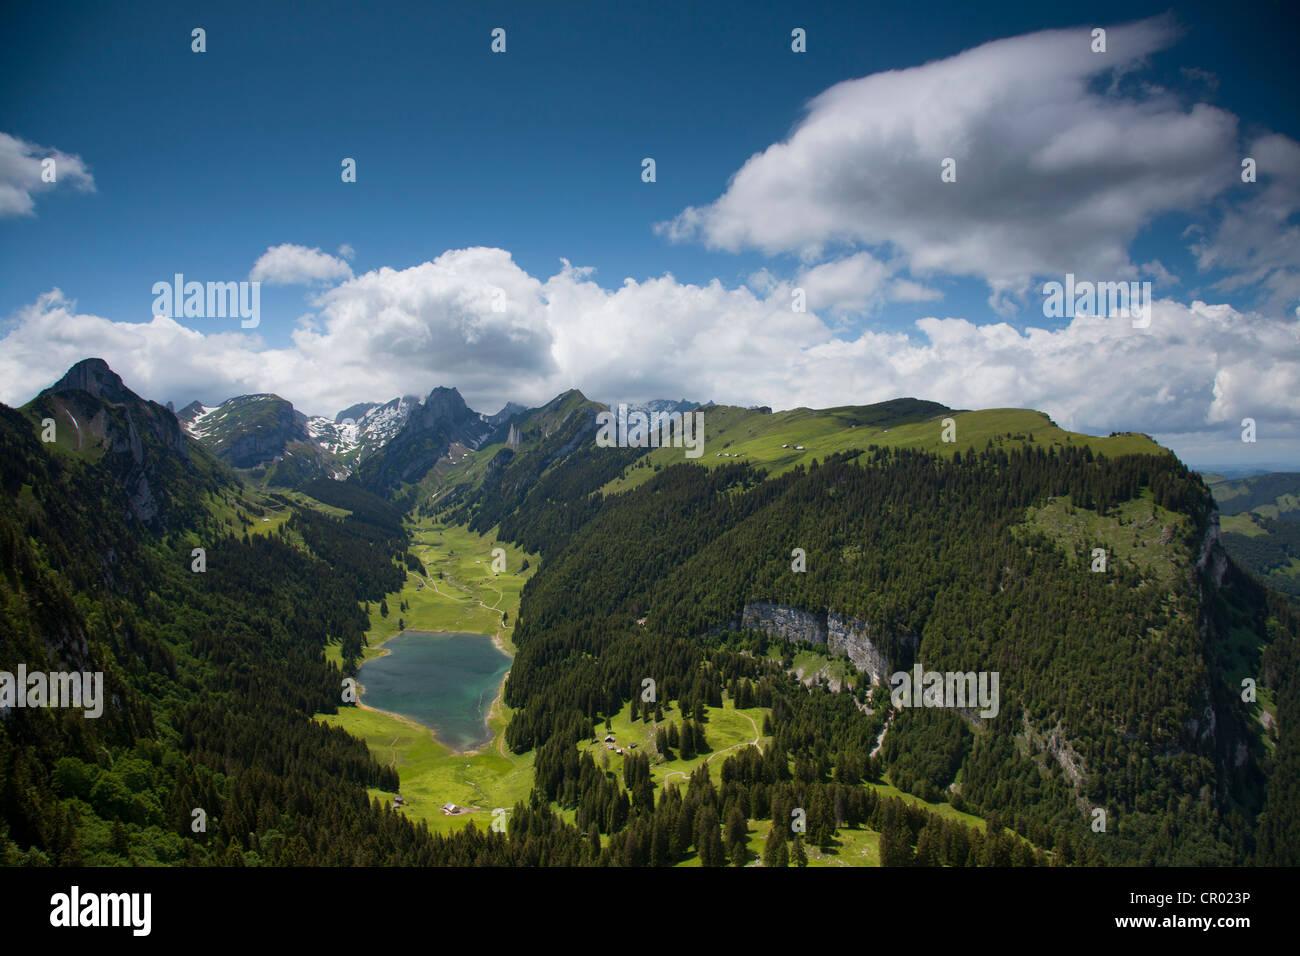 Abend Stimmung in den Alpsteingebirge Bergen, Blick vom Mt. Säntis mit Mt. Altmann, Appenzellerland, Alpen, Stockbild